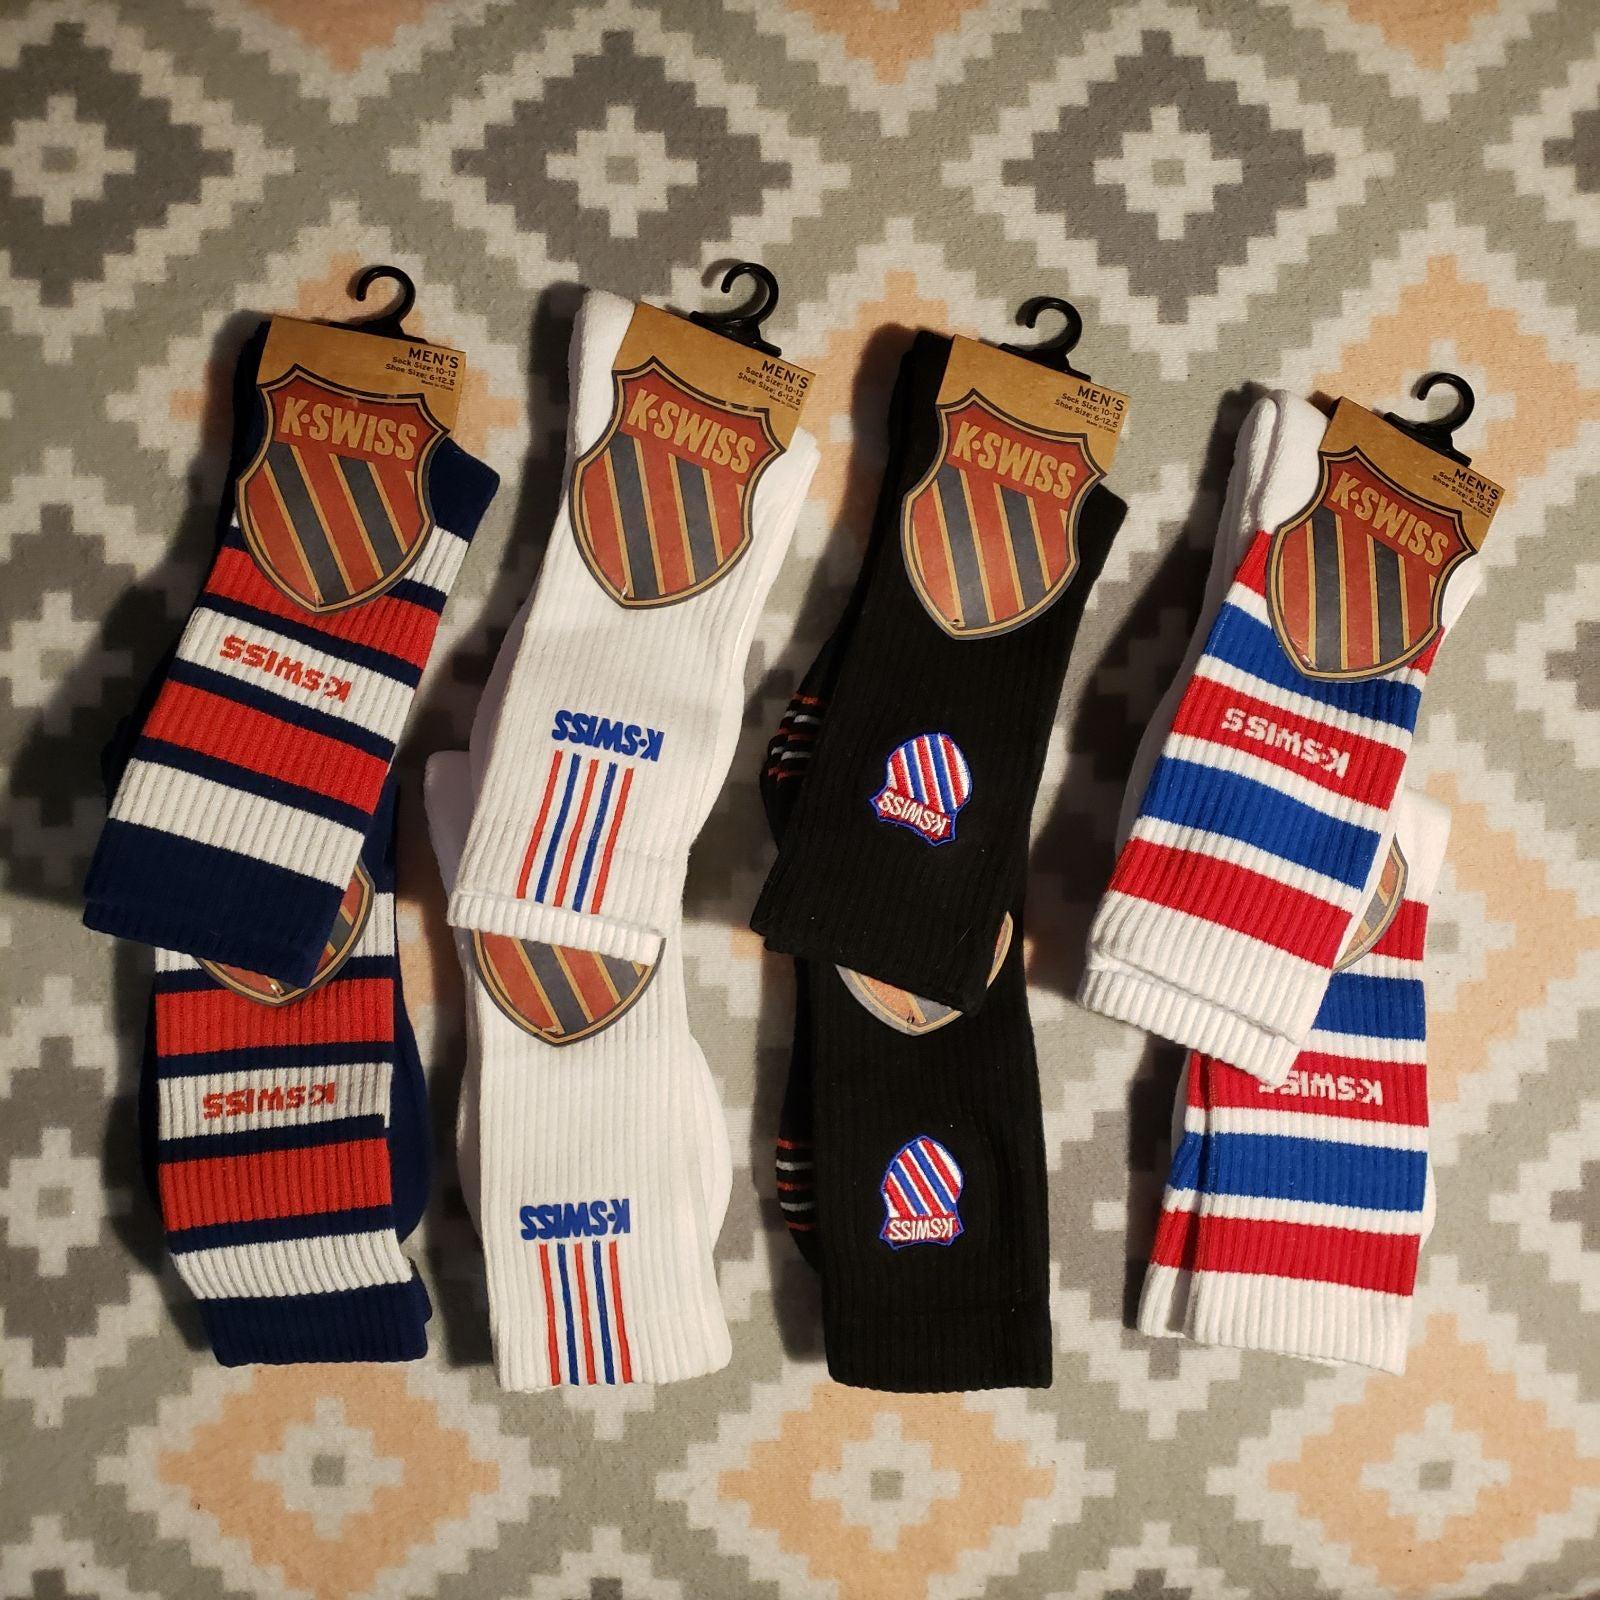 K Swiss Men's Sock Bundle